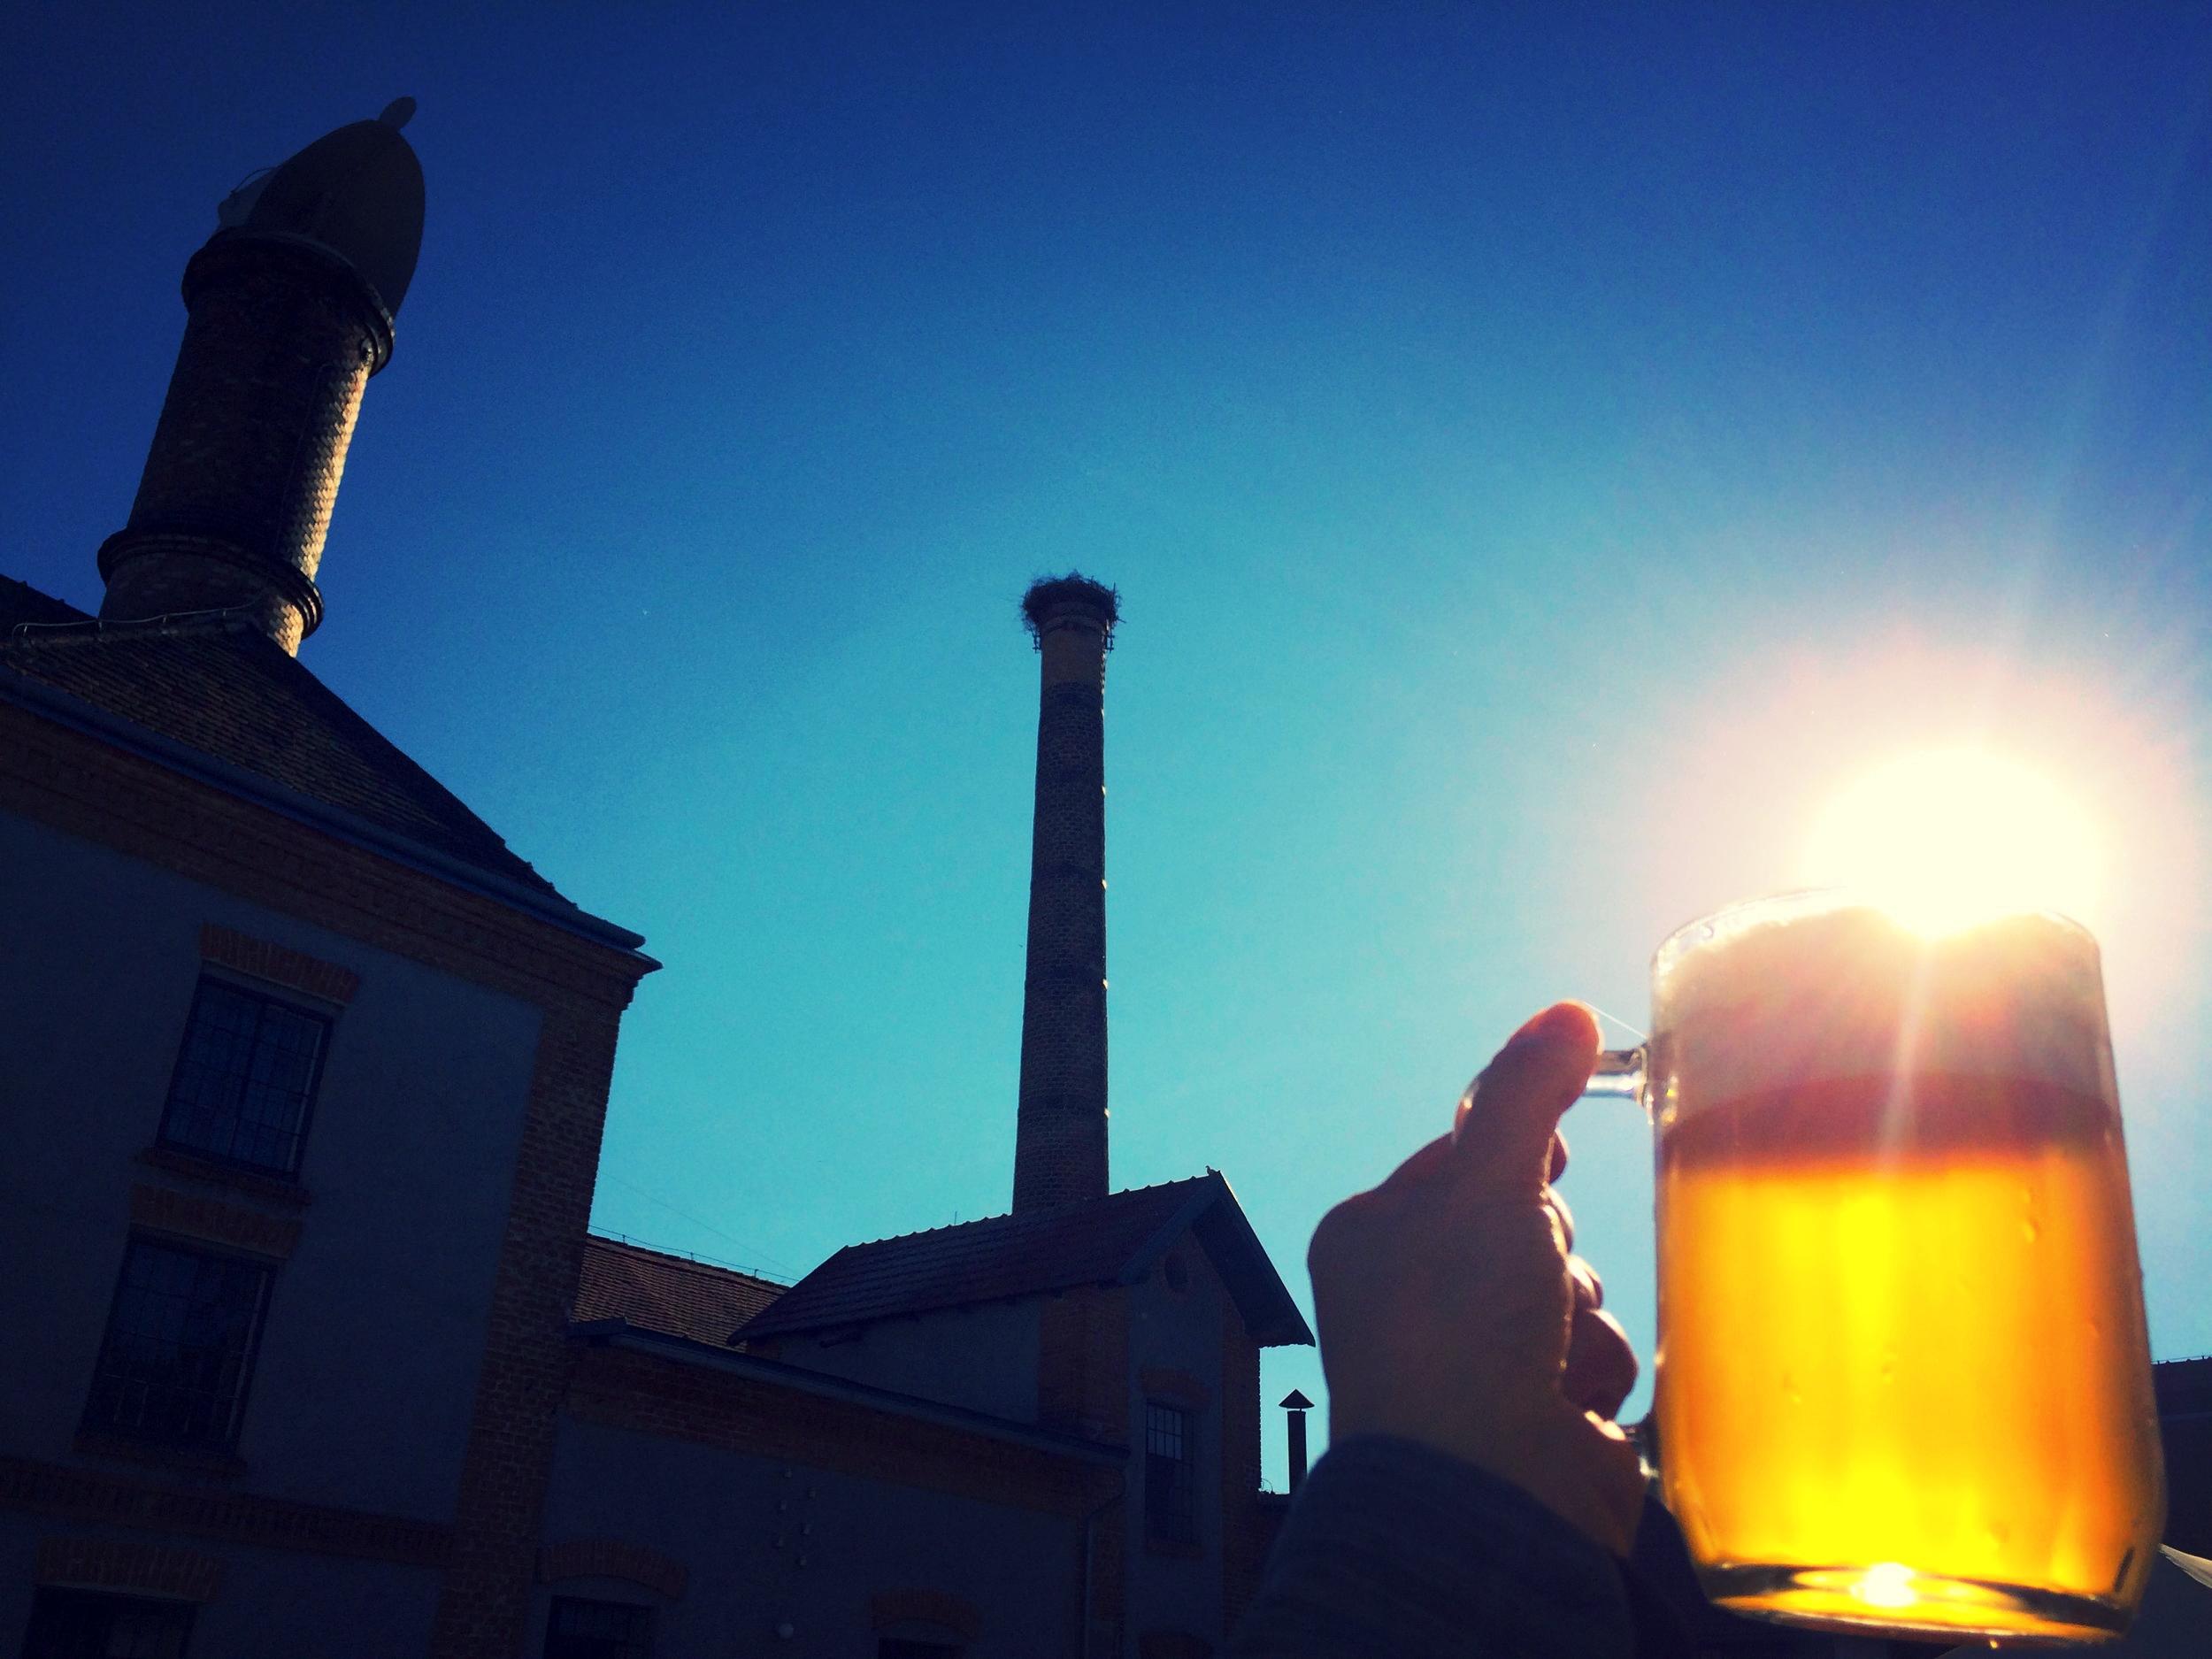 pivo a komín od Káti.jpeg